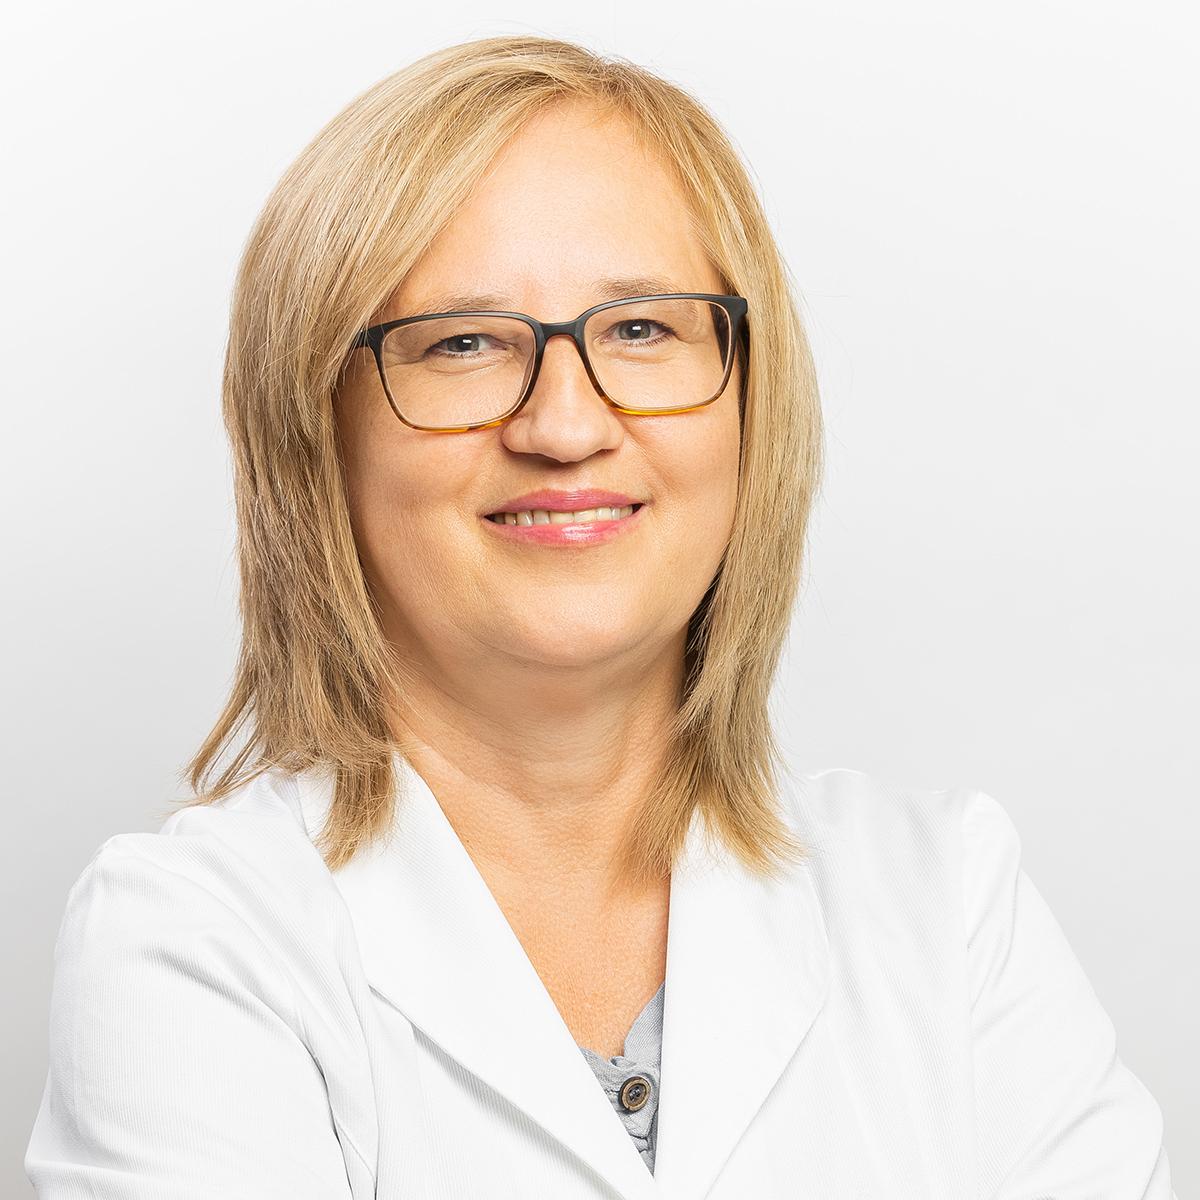 Anita Gerlich